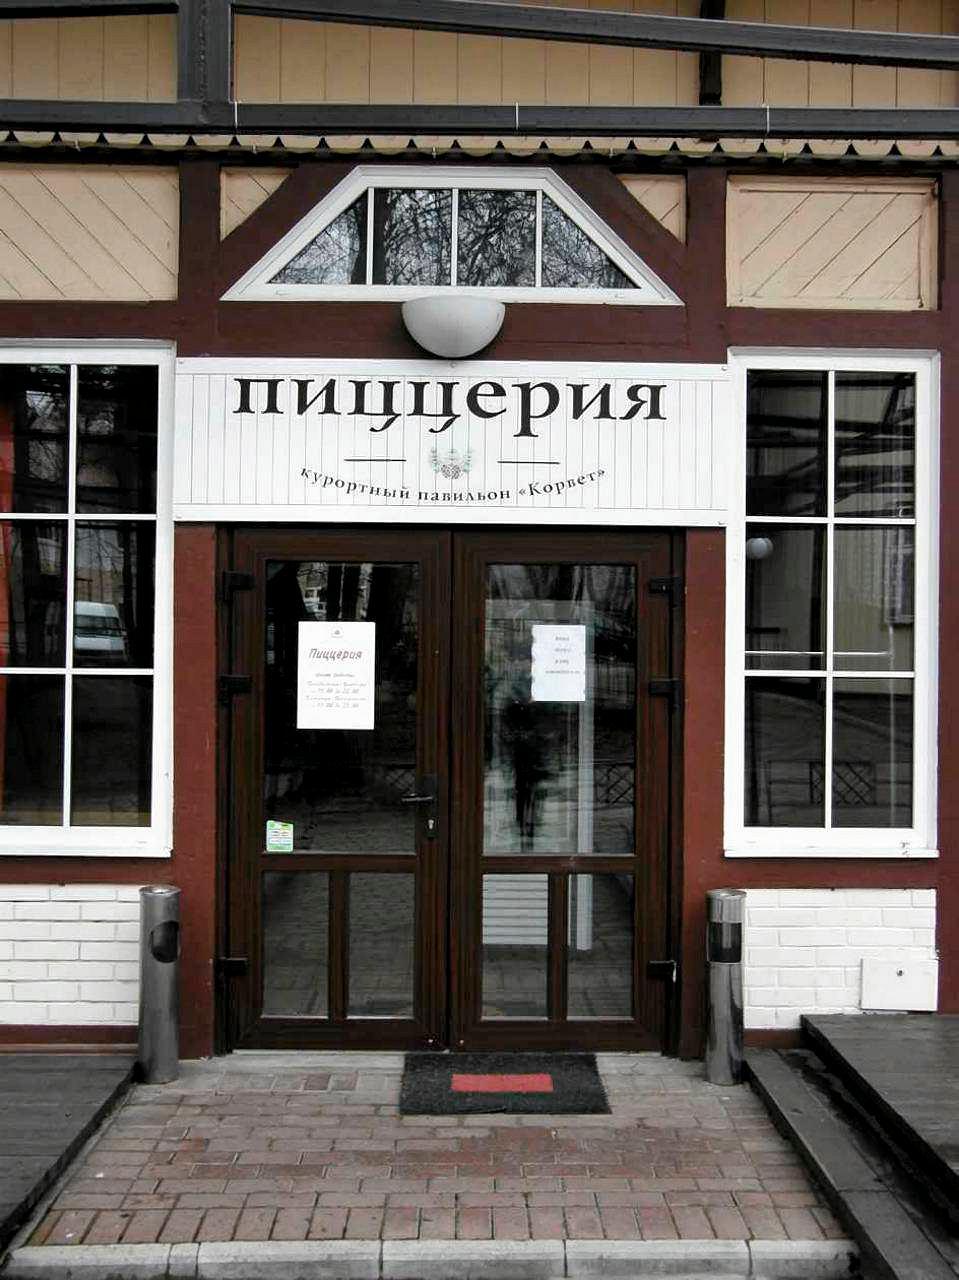 Zdjęcie numer 3 w galerii - Kuchnia rosyjska: Obwód Kaliningradzki